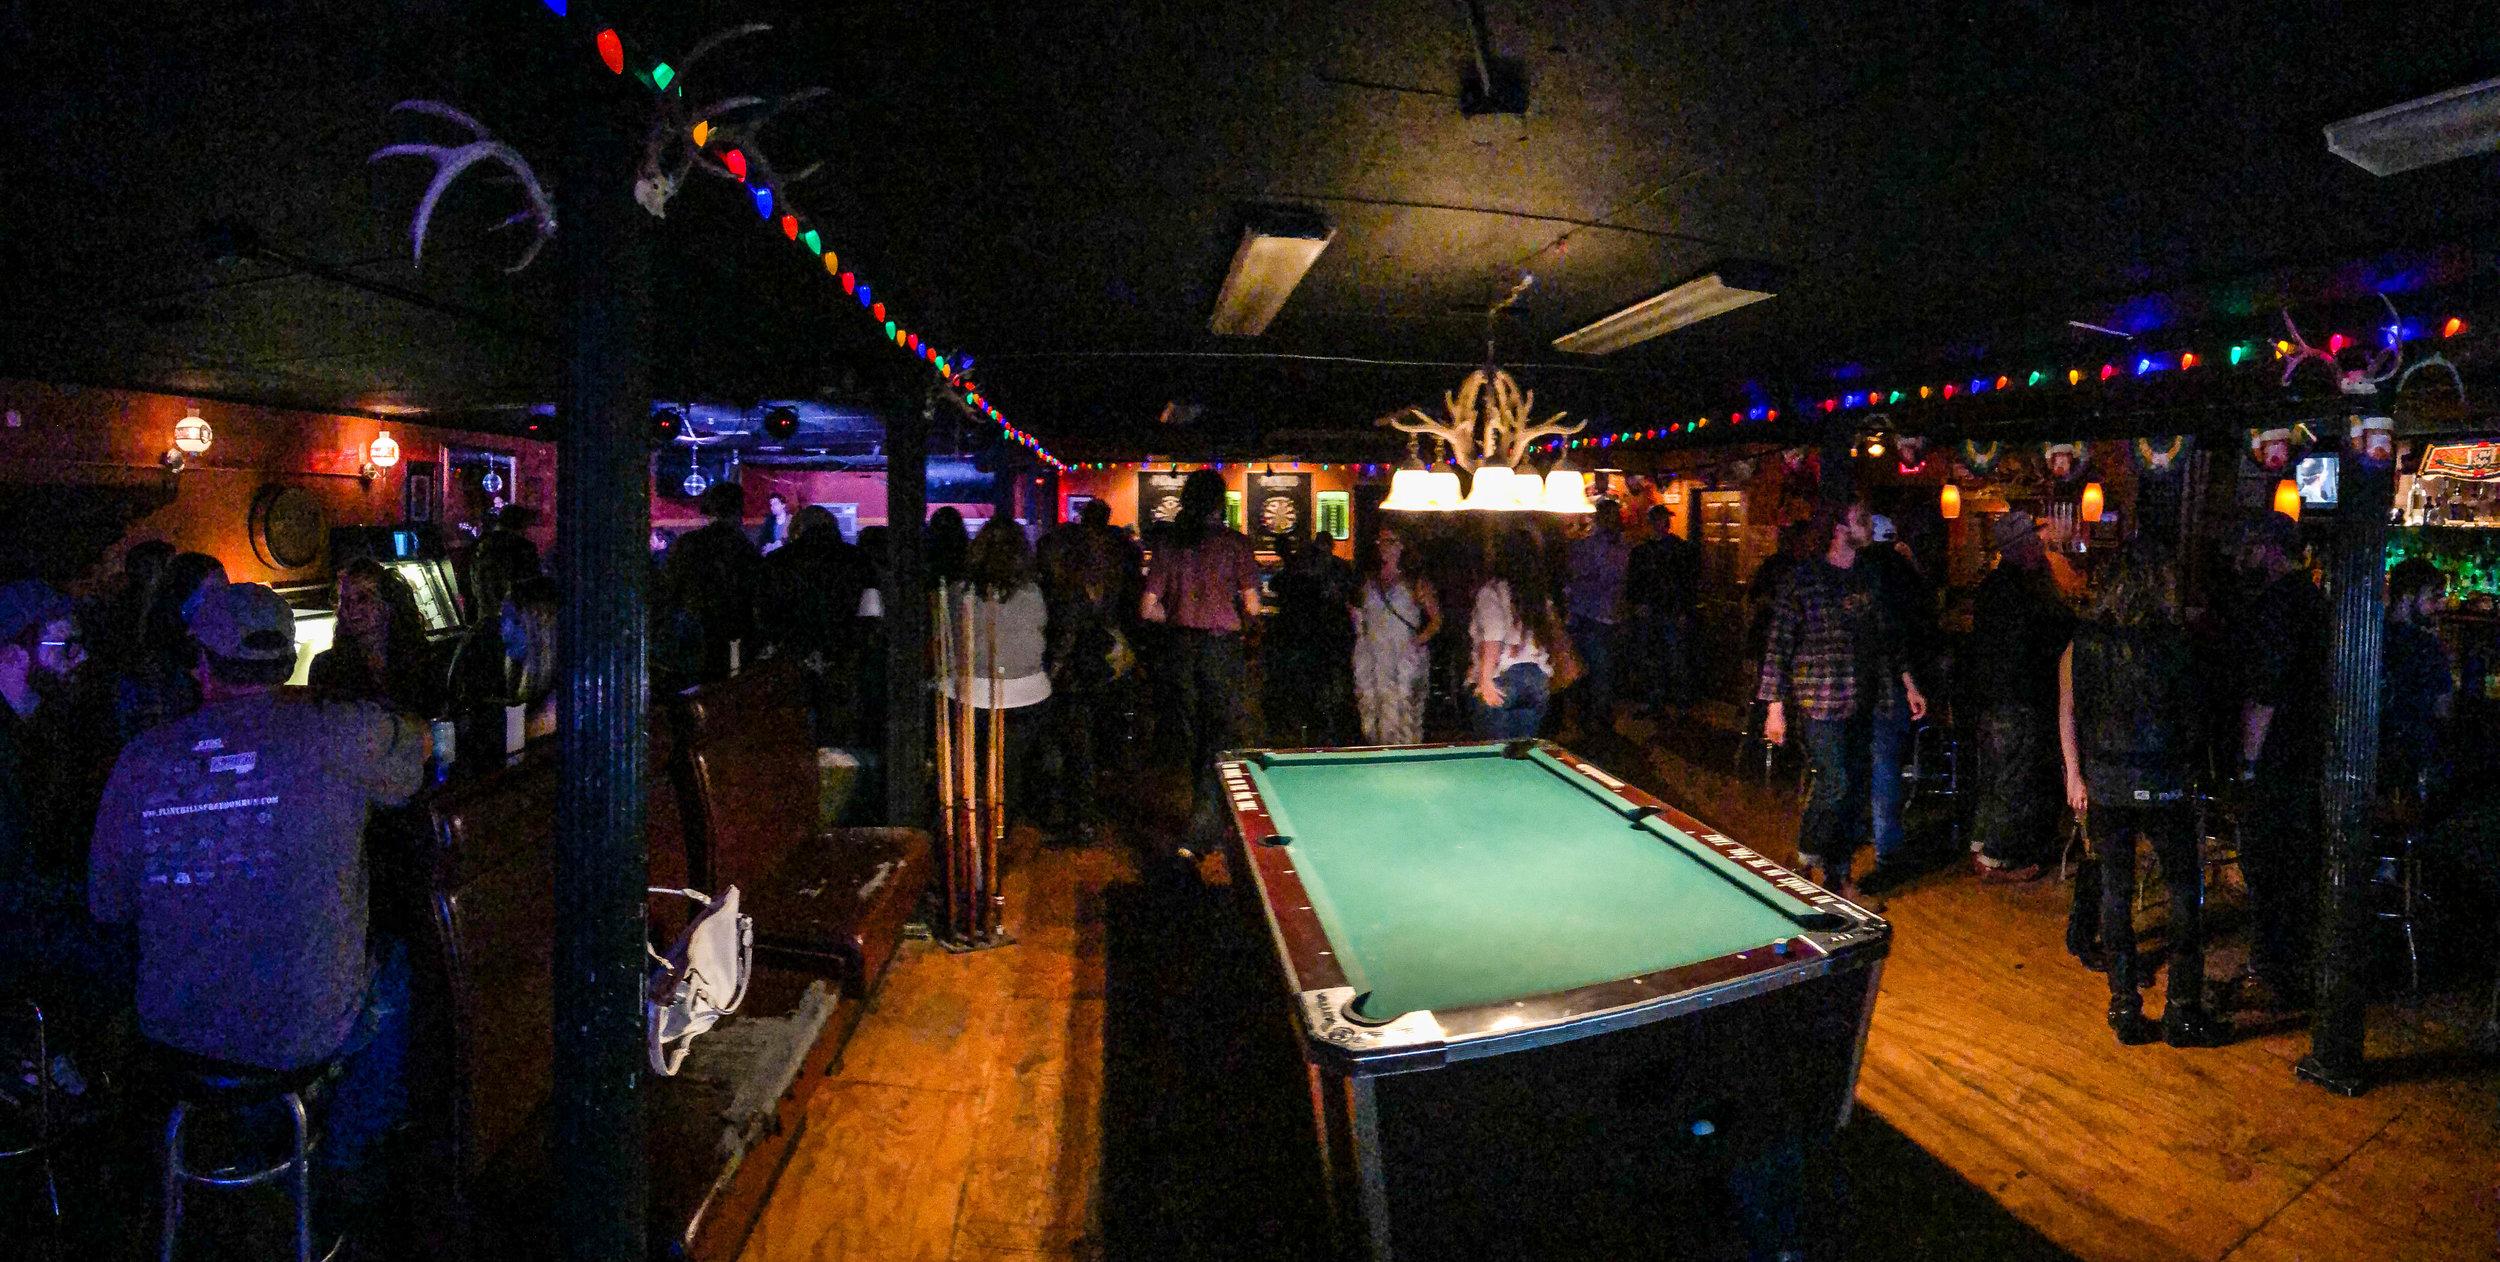 dee's-nashville-bars-nightlife-1.jpg